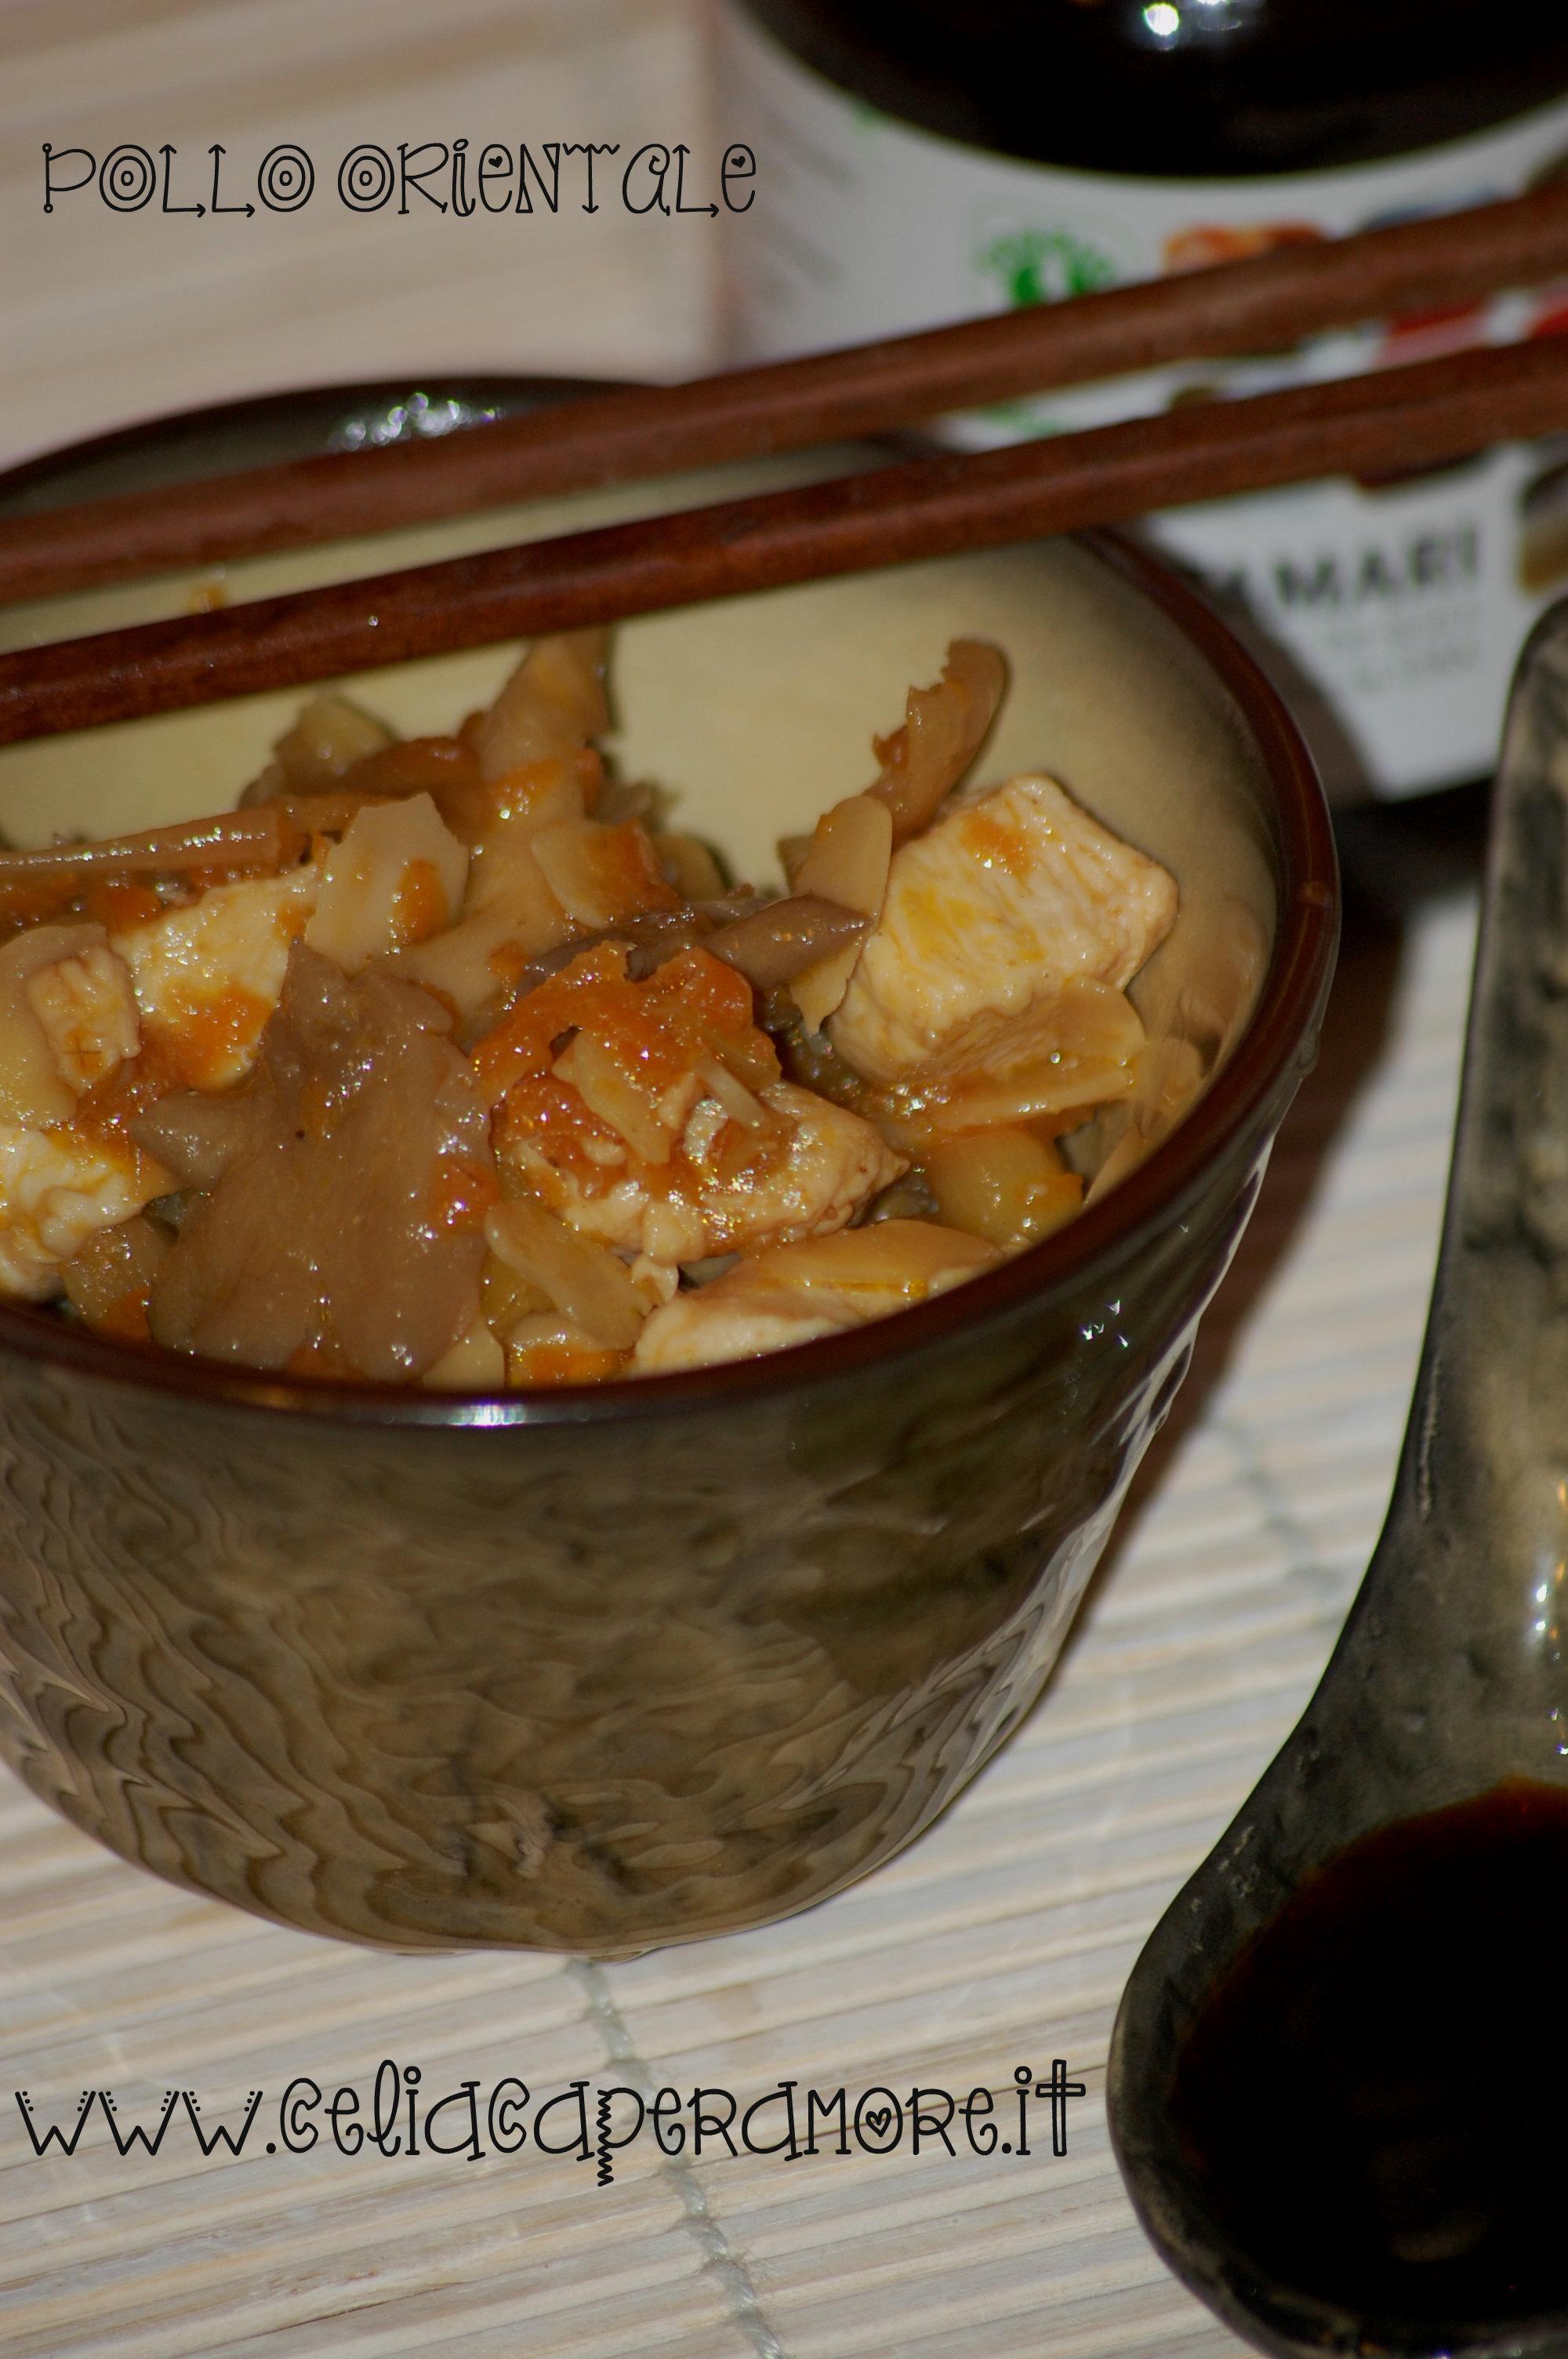 Pollo orientale